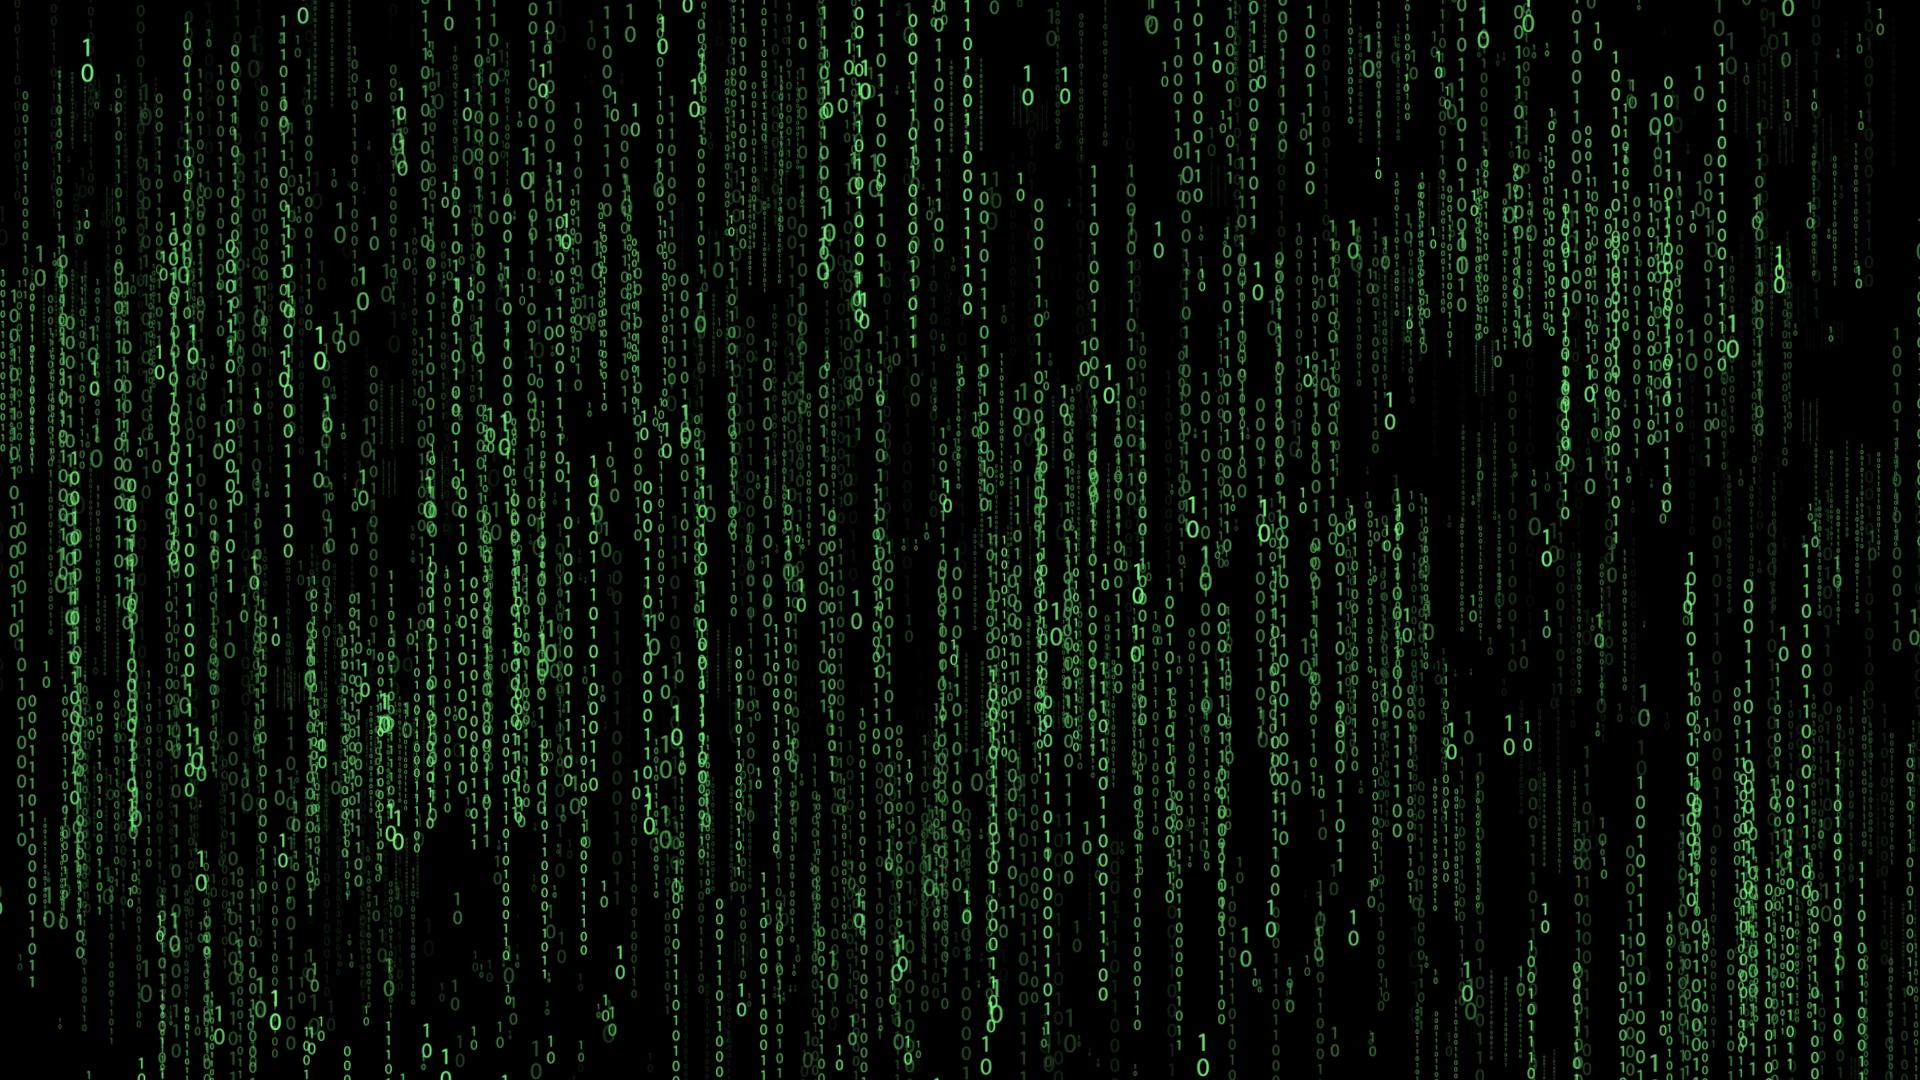 matrix beats audio wallpaper - photo #5